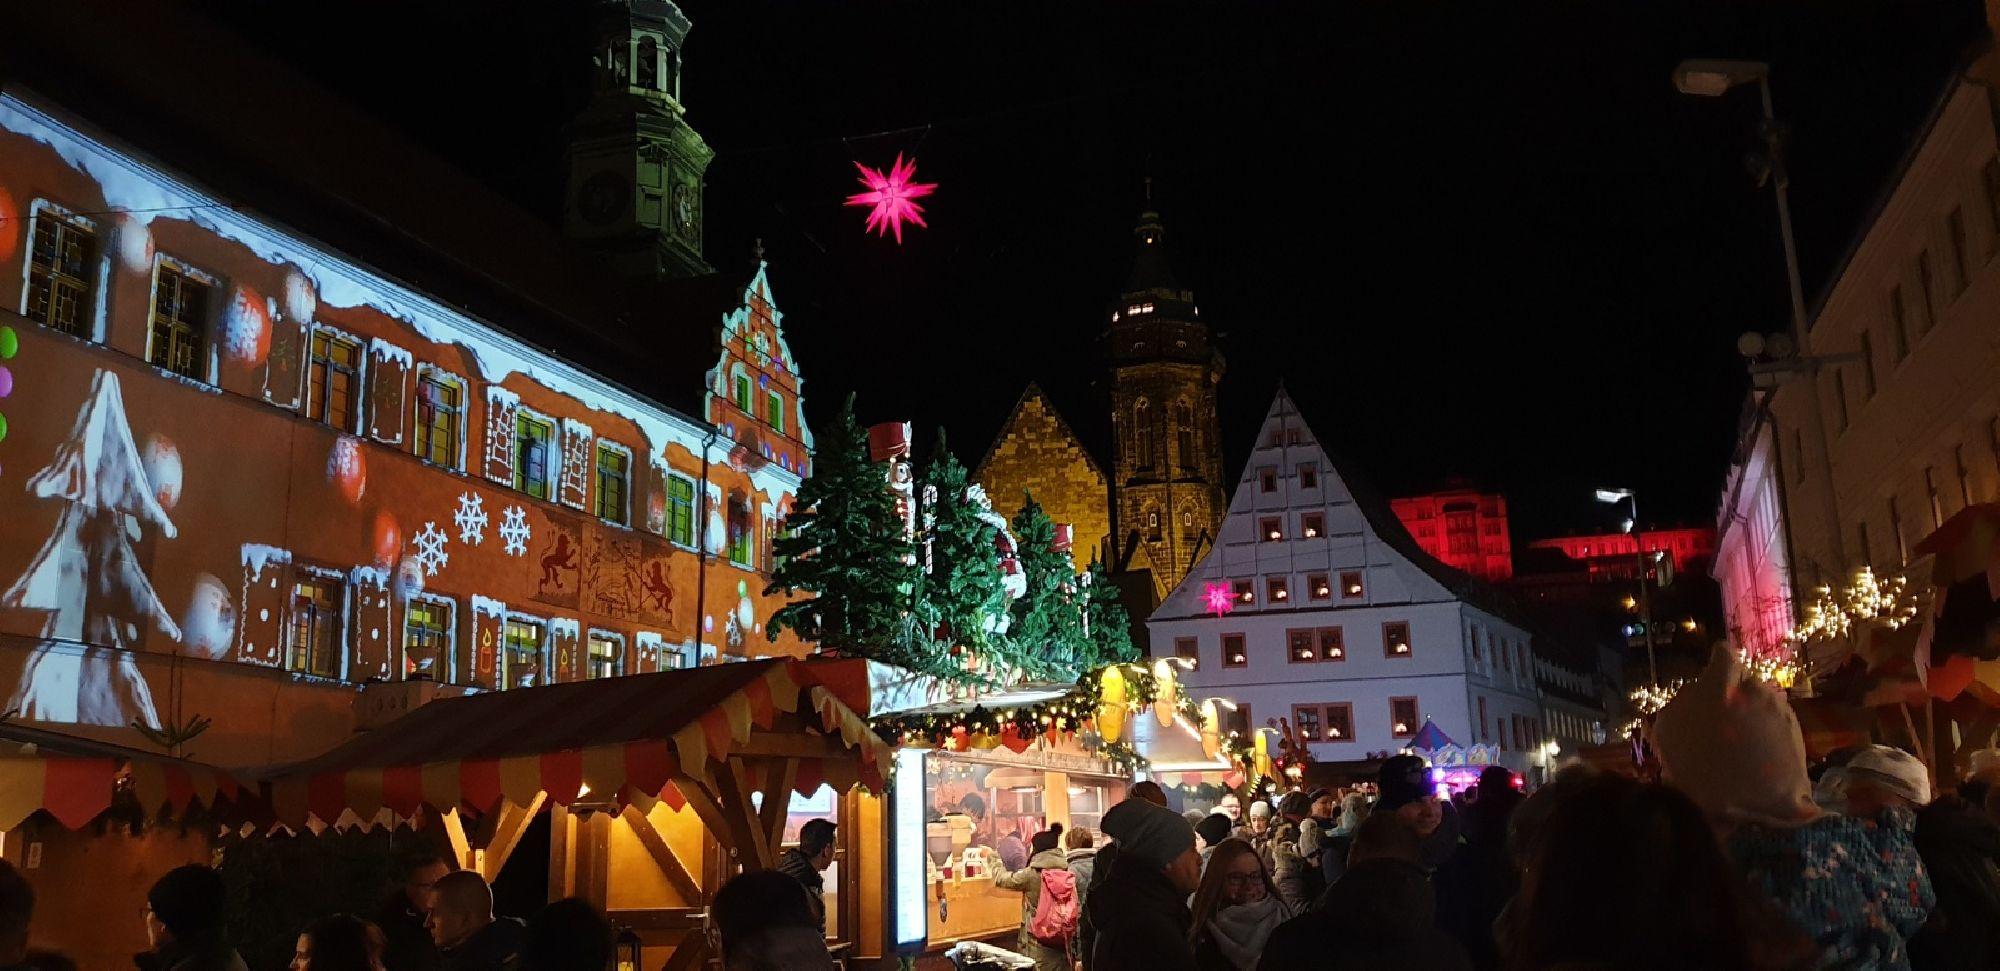 Weihnachtsmarkt in Pirna